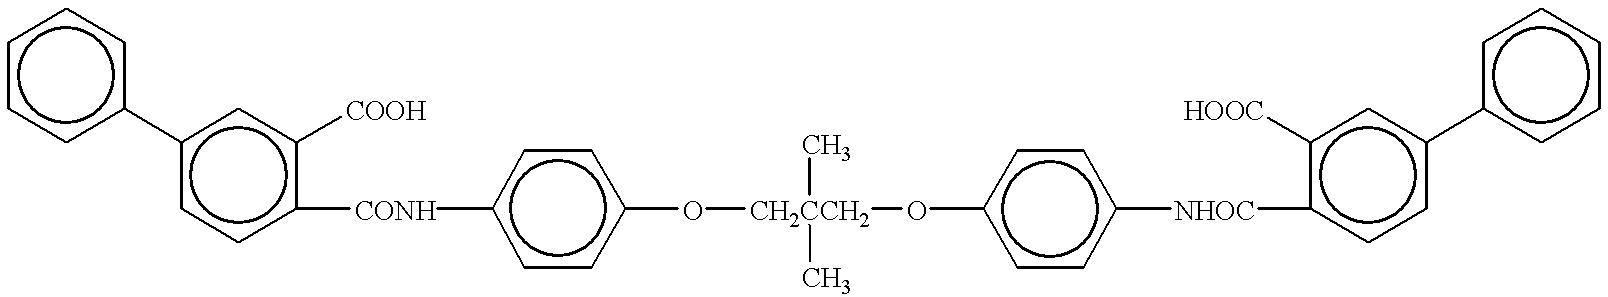 Figure US06180560-20010130-C00544